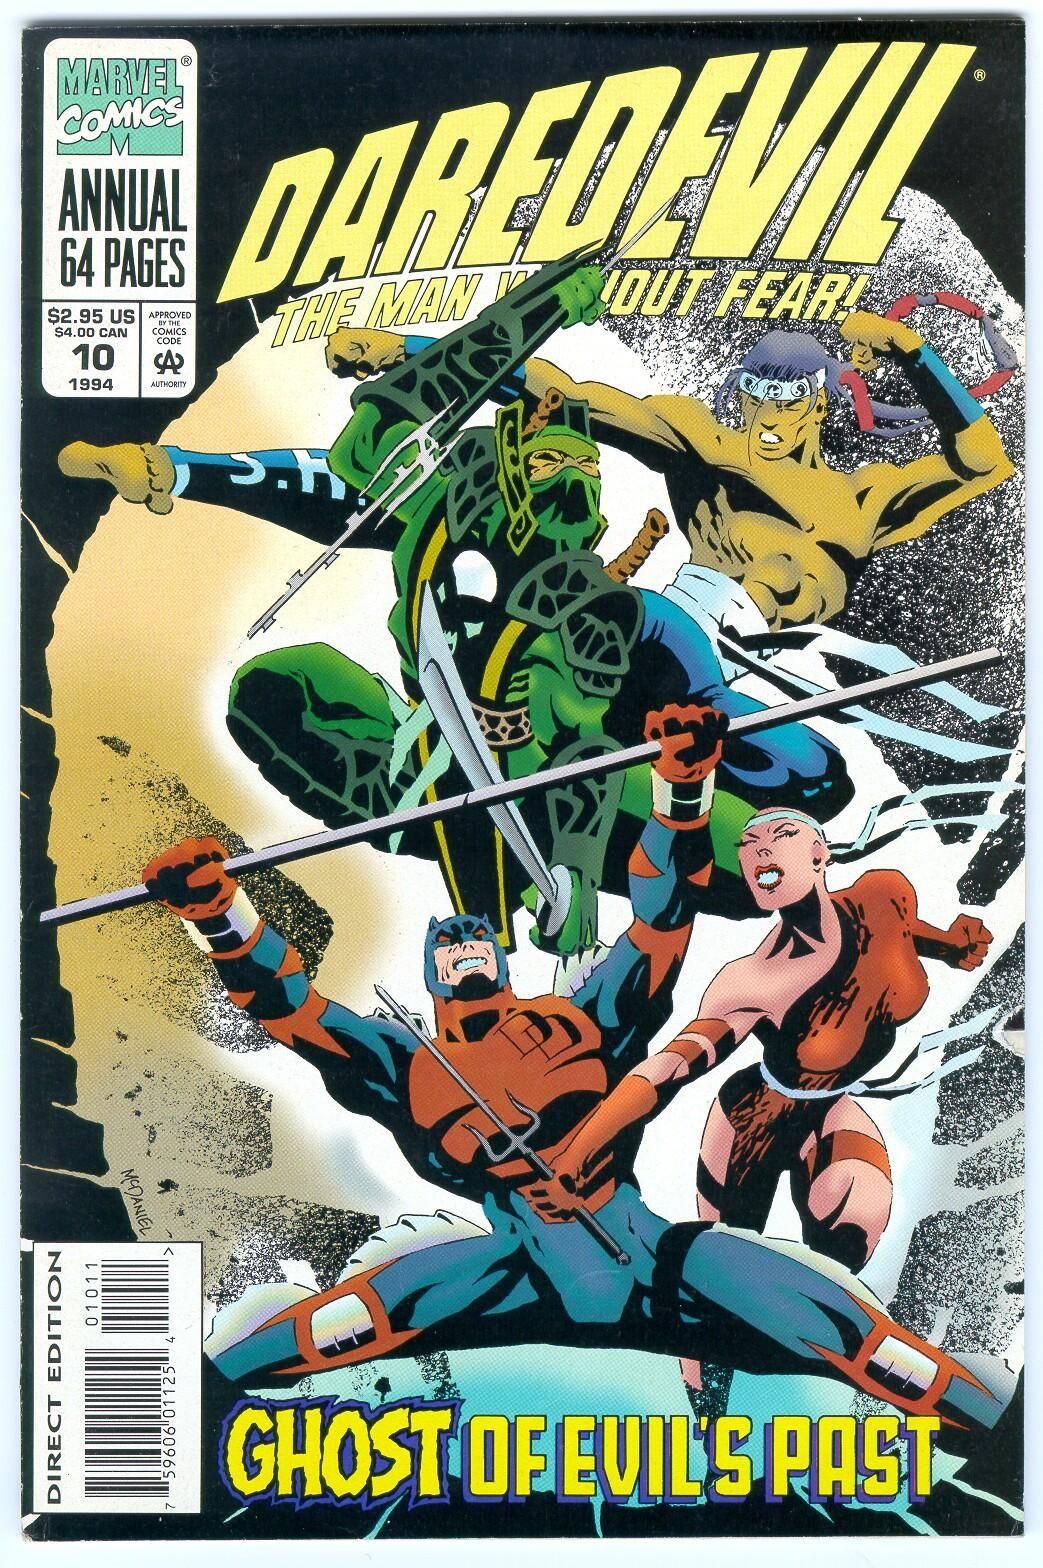 Daredevil v1 Annual 10 1994 Ghost of Evils Past